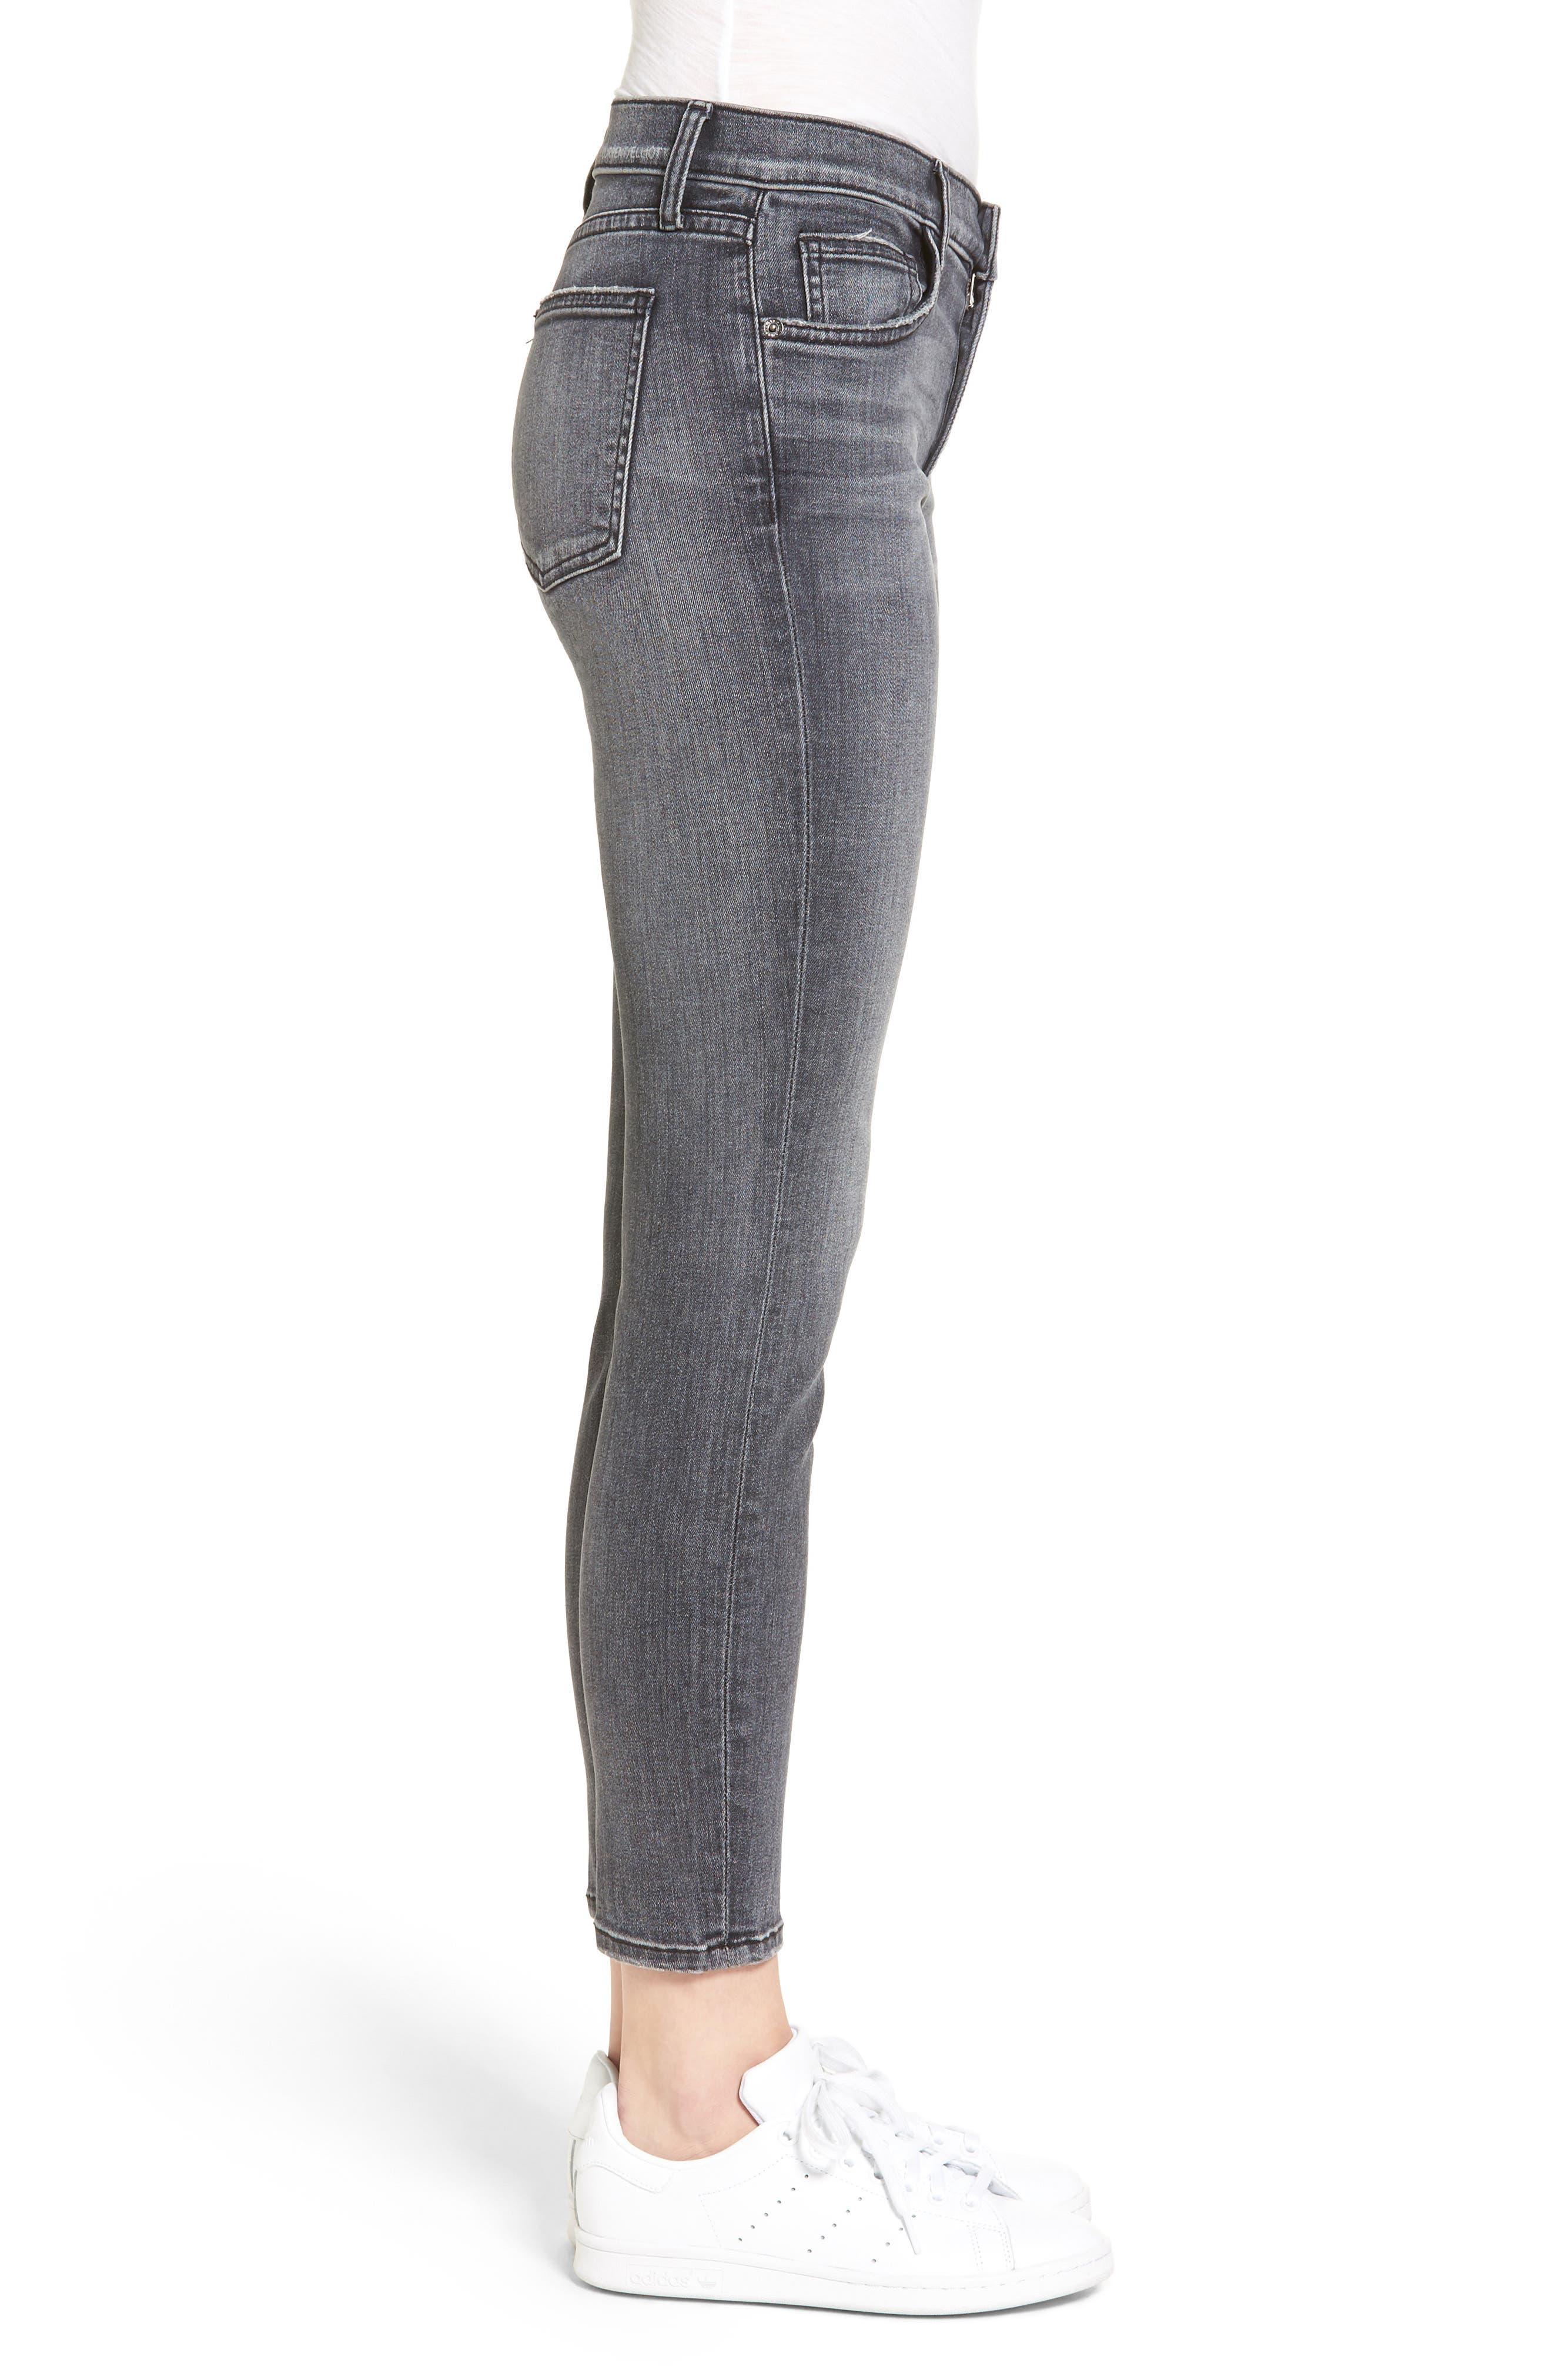 Alternate Image 3  - Current/Elliott The High Waist Stiletto Ankle Skinny Jeans (Everett)